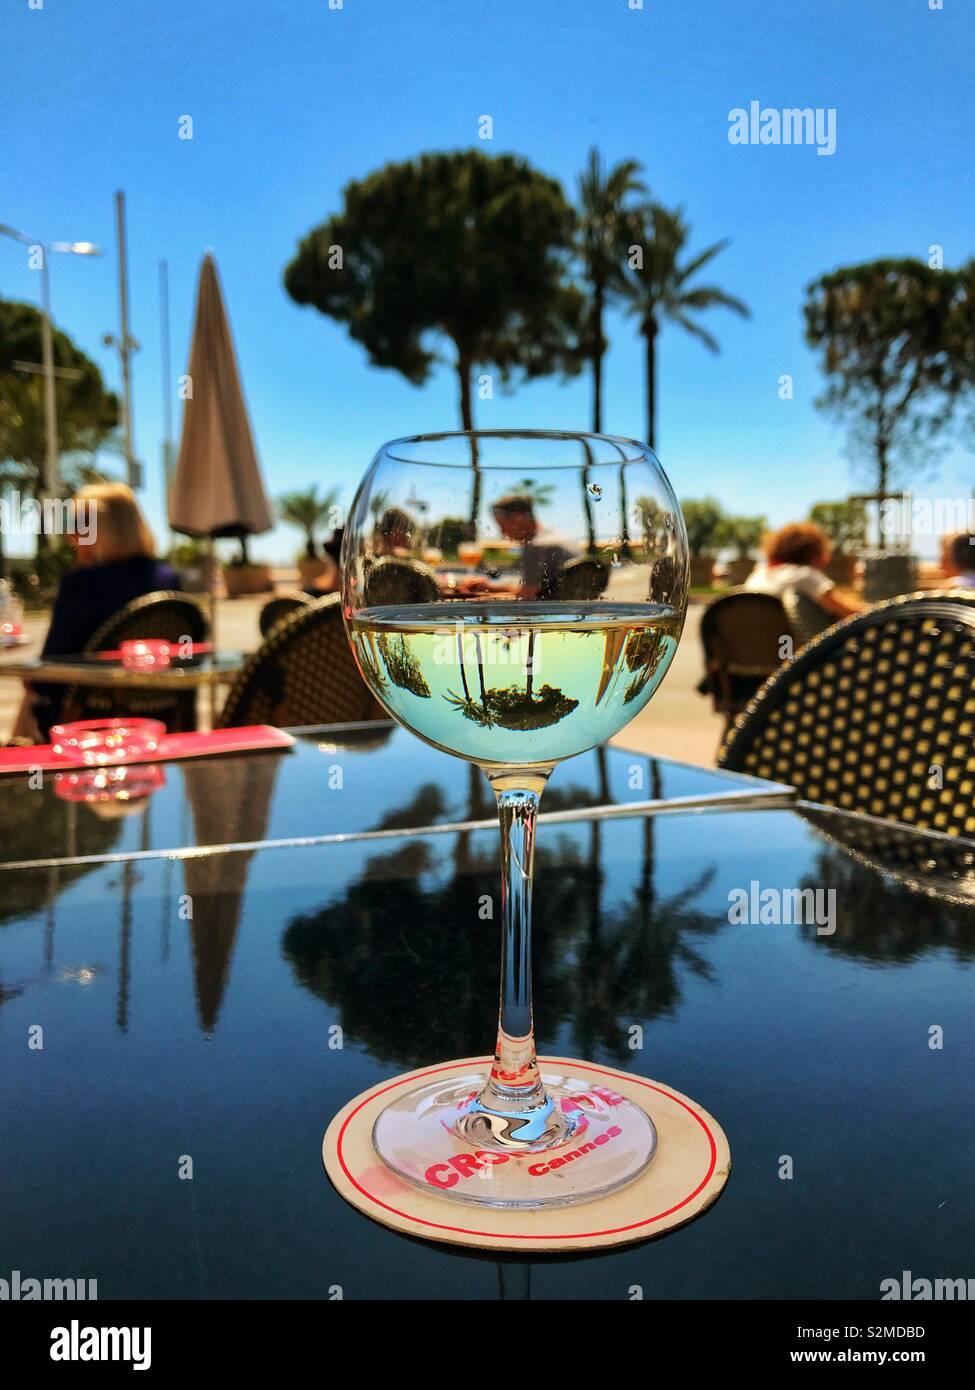 Bicchiere di vino bianco su un tavolo in un ristorante sul mare a Cannes, Francia Foto Stock